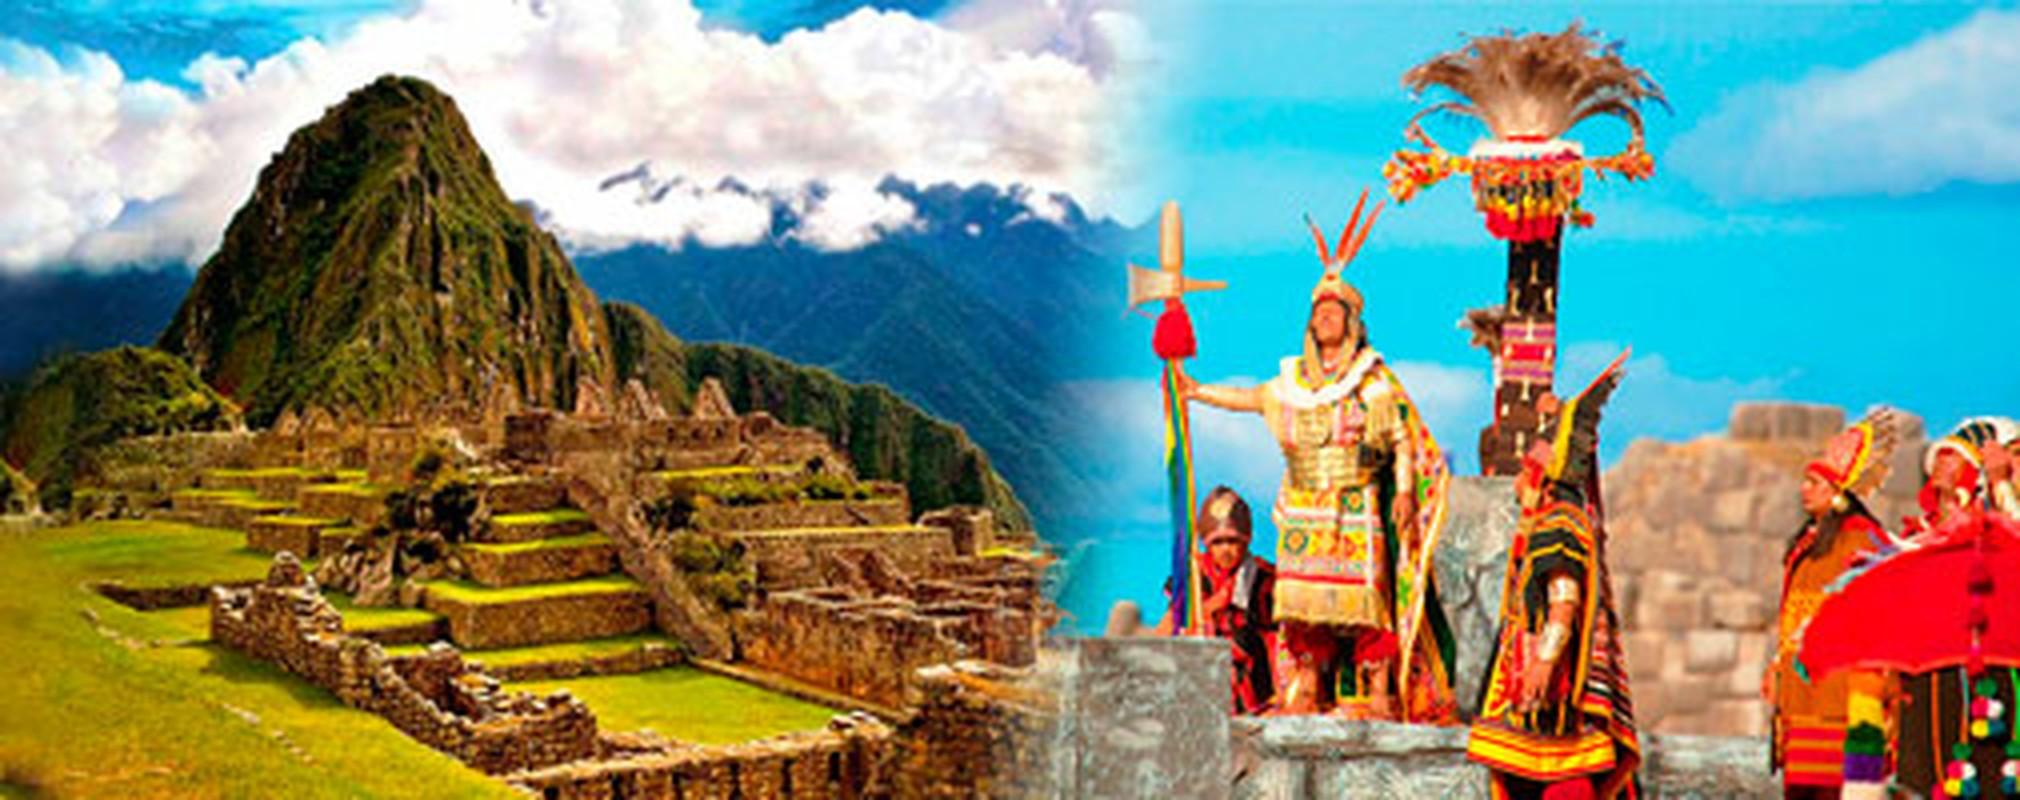 Kham pha bat ngo chi co o dat nuoc Peru huyen bi-Hinh-6